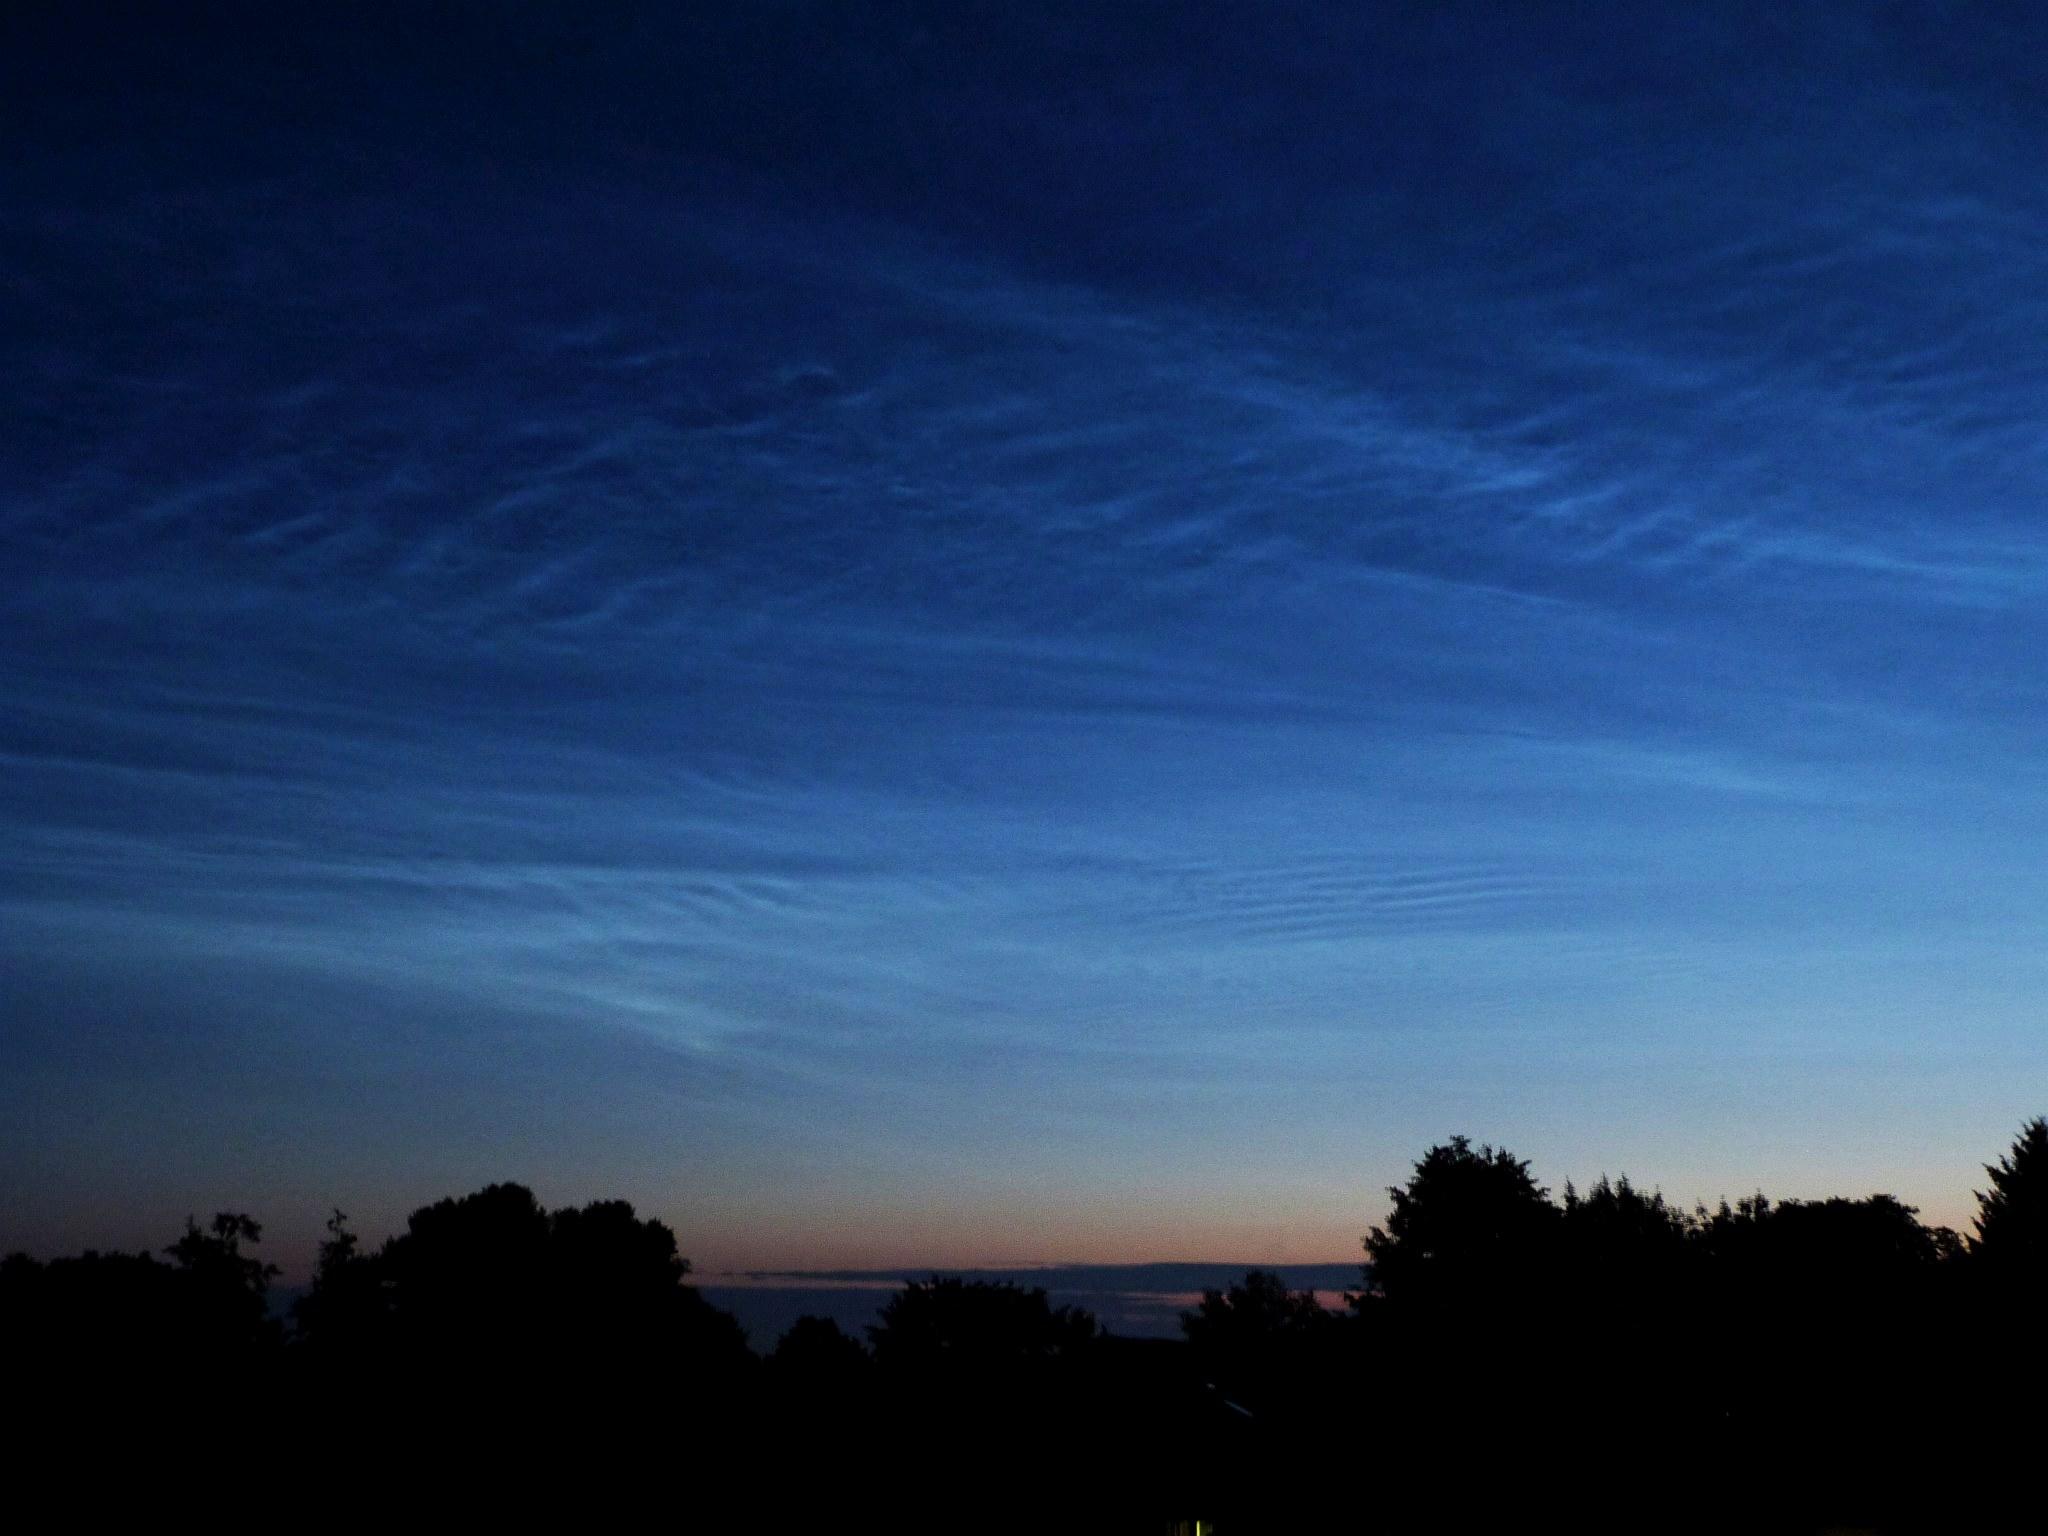 Mehrere verschiedene Wellenmuster in den Leuchtenden Nachtwolken in der fortgeschrittenen Morgendämmerung des 6. Juli. [Daniel Fischer]